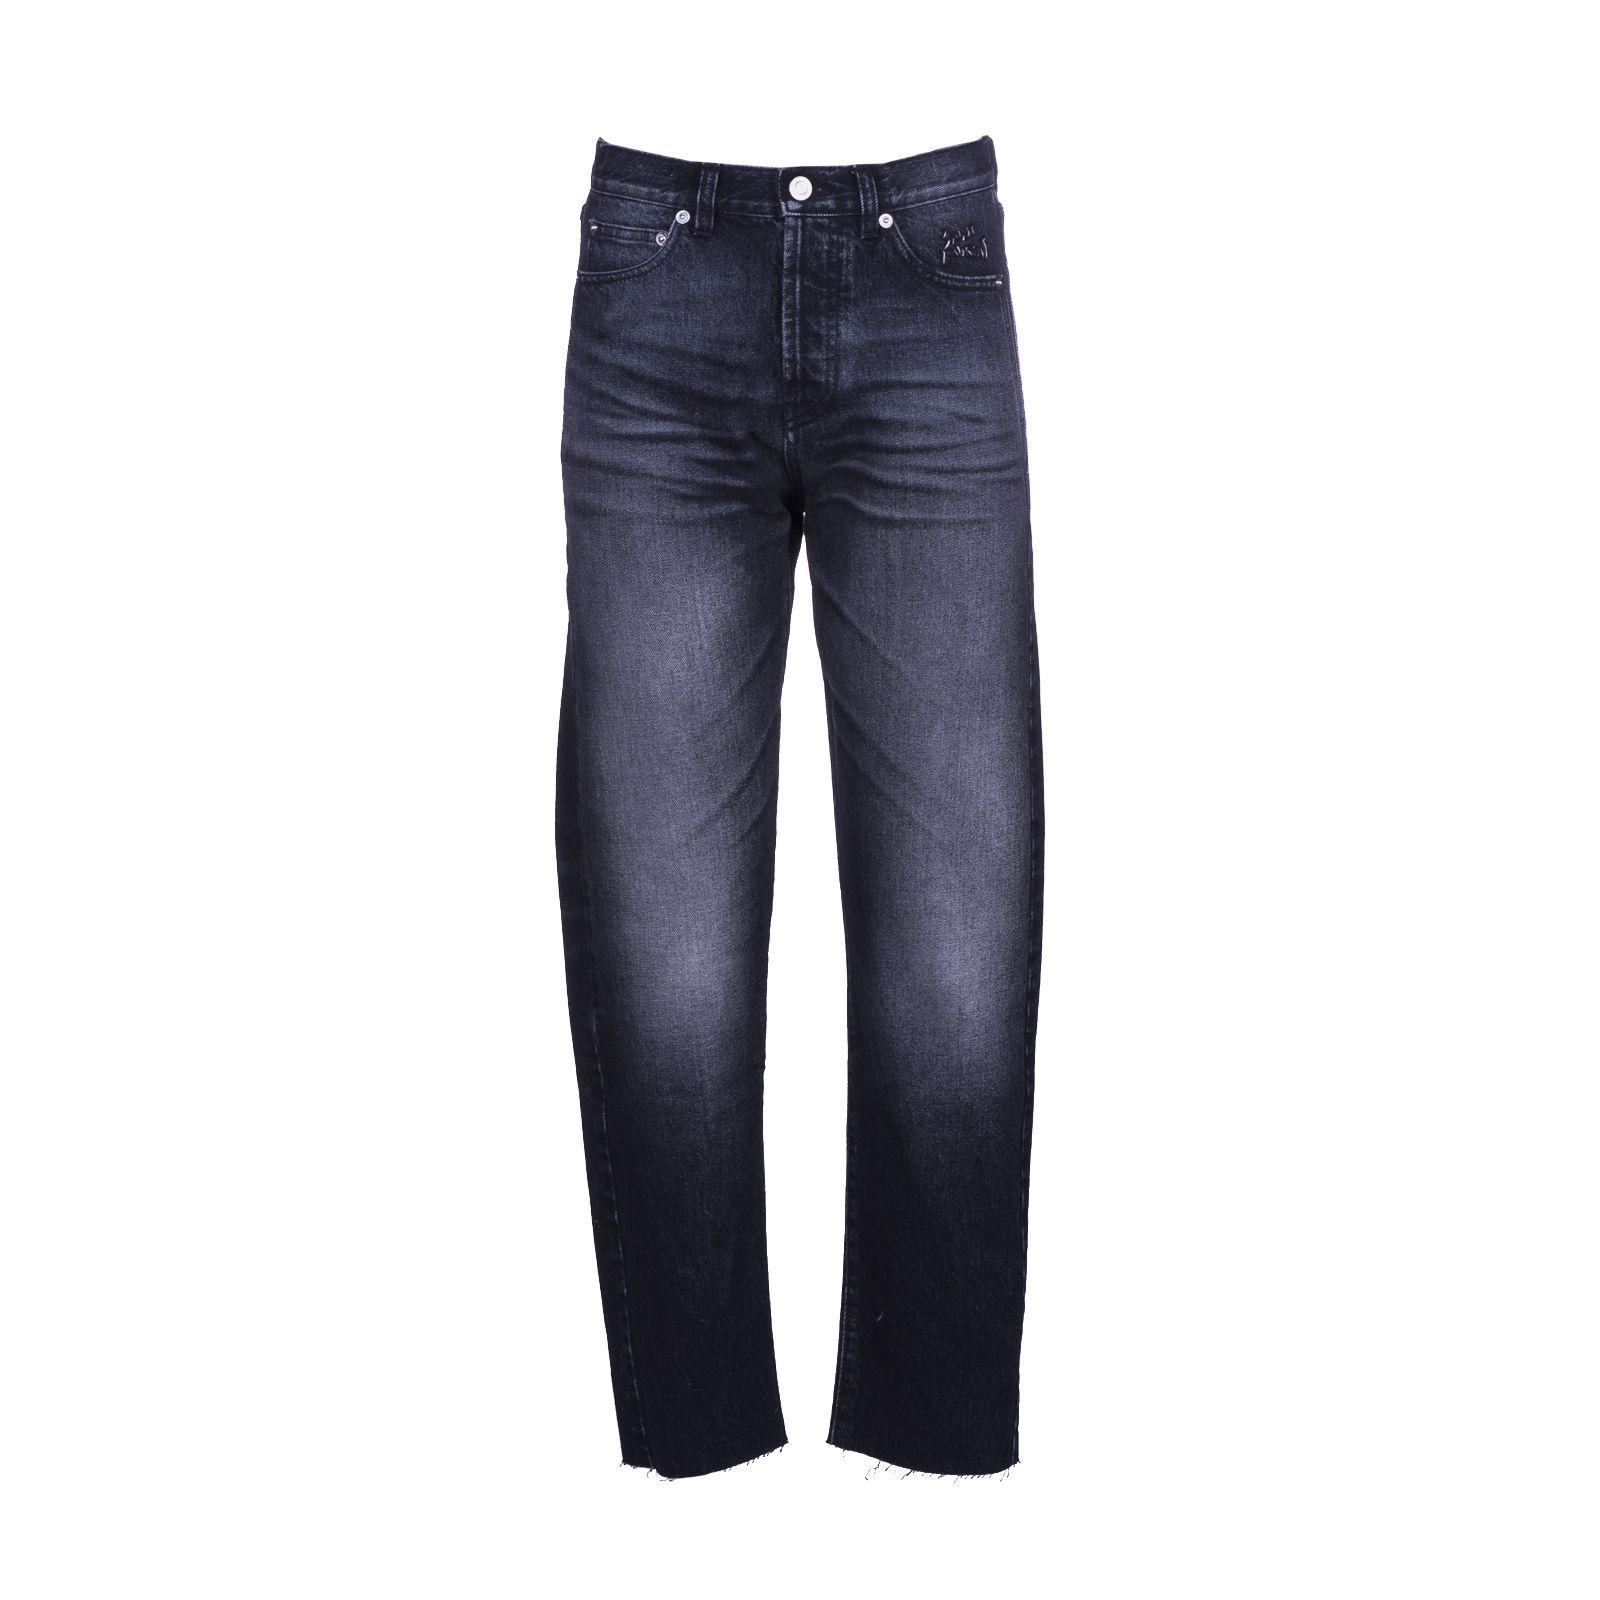 Saint Laurent Paris Washed Black Jeans